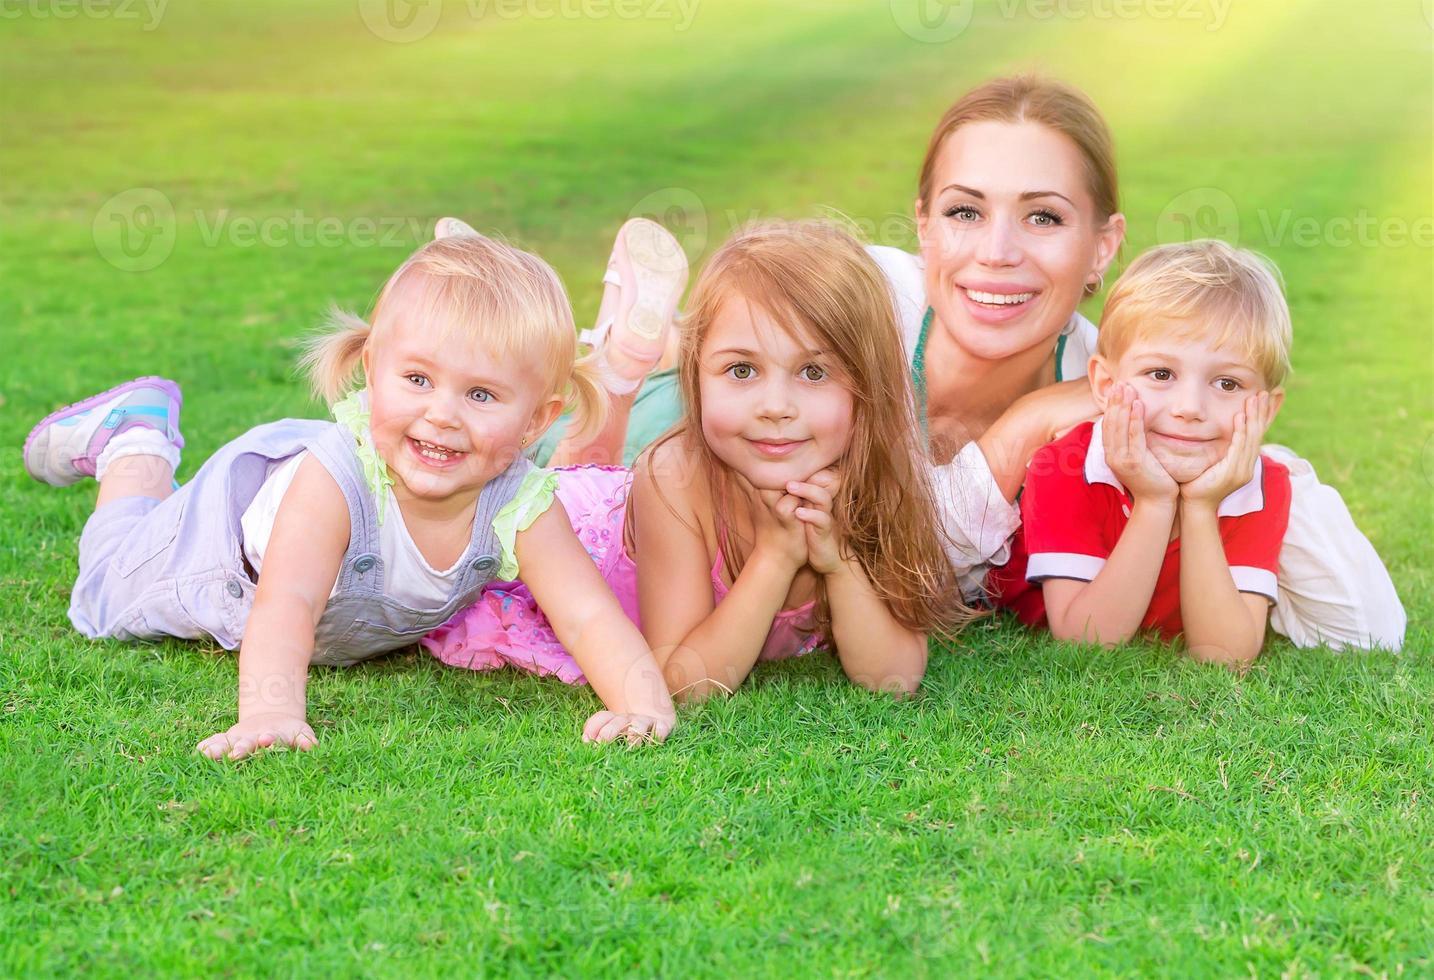 glückliche große Familie foto